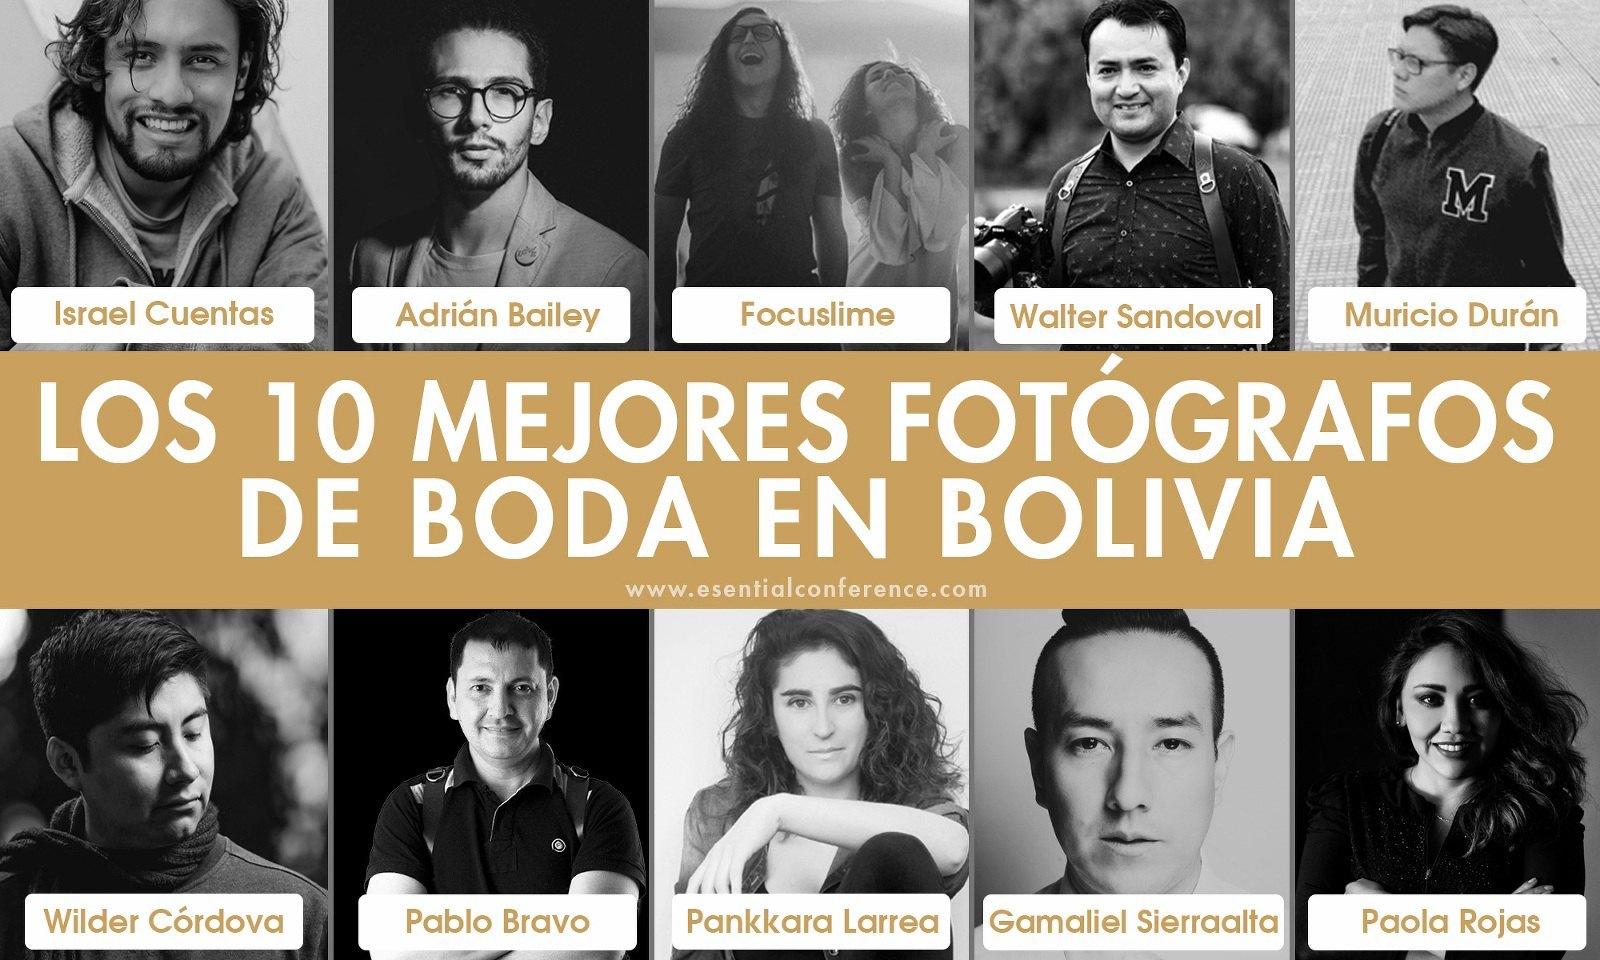 Los mejores fotógrafos de boda en Bolivia